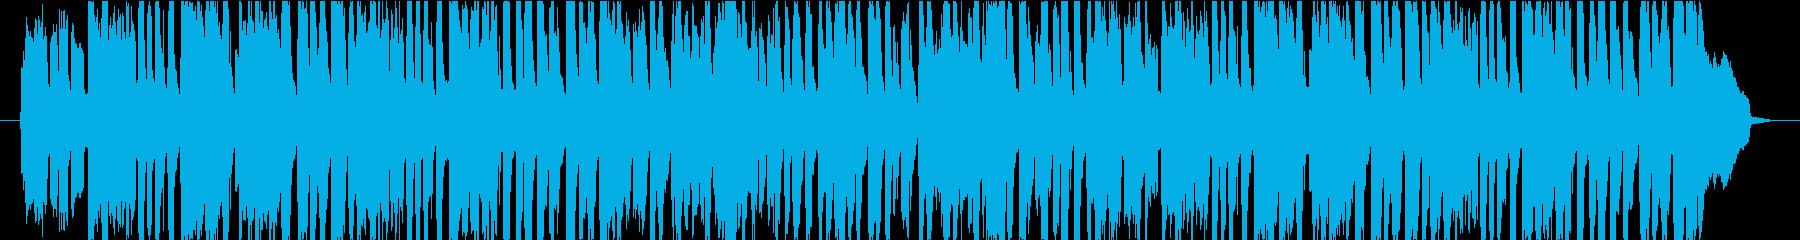 おやつの時間のような軽快で可愛いPOPSの再生済みの波形